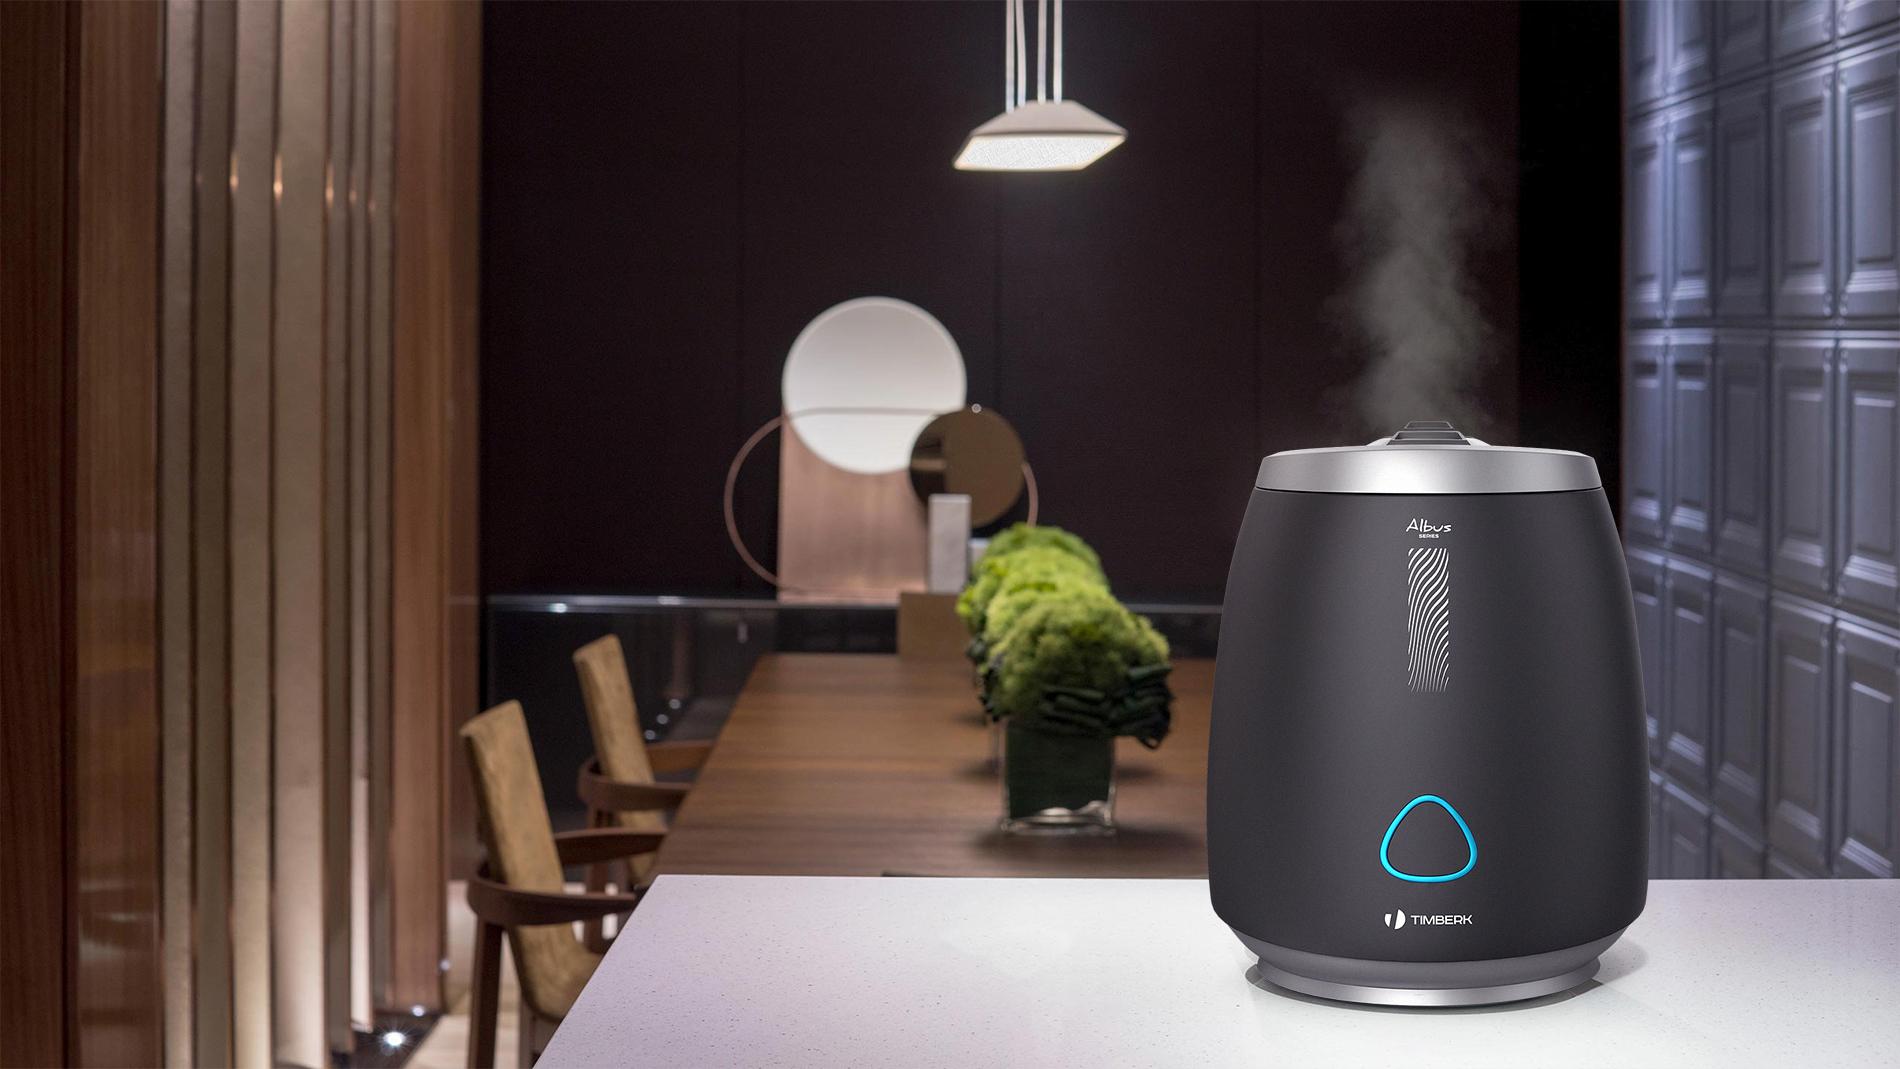 Увлажнитель воздуха: польза и вред, мнение врачей, плюсы и минусы